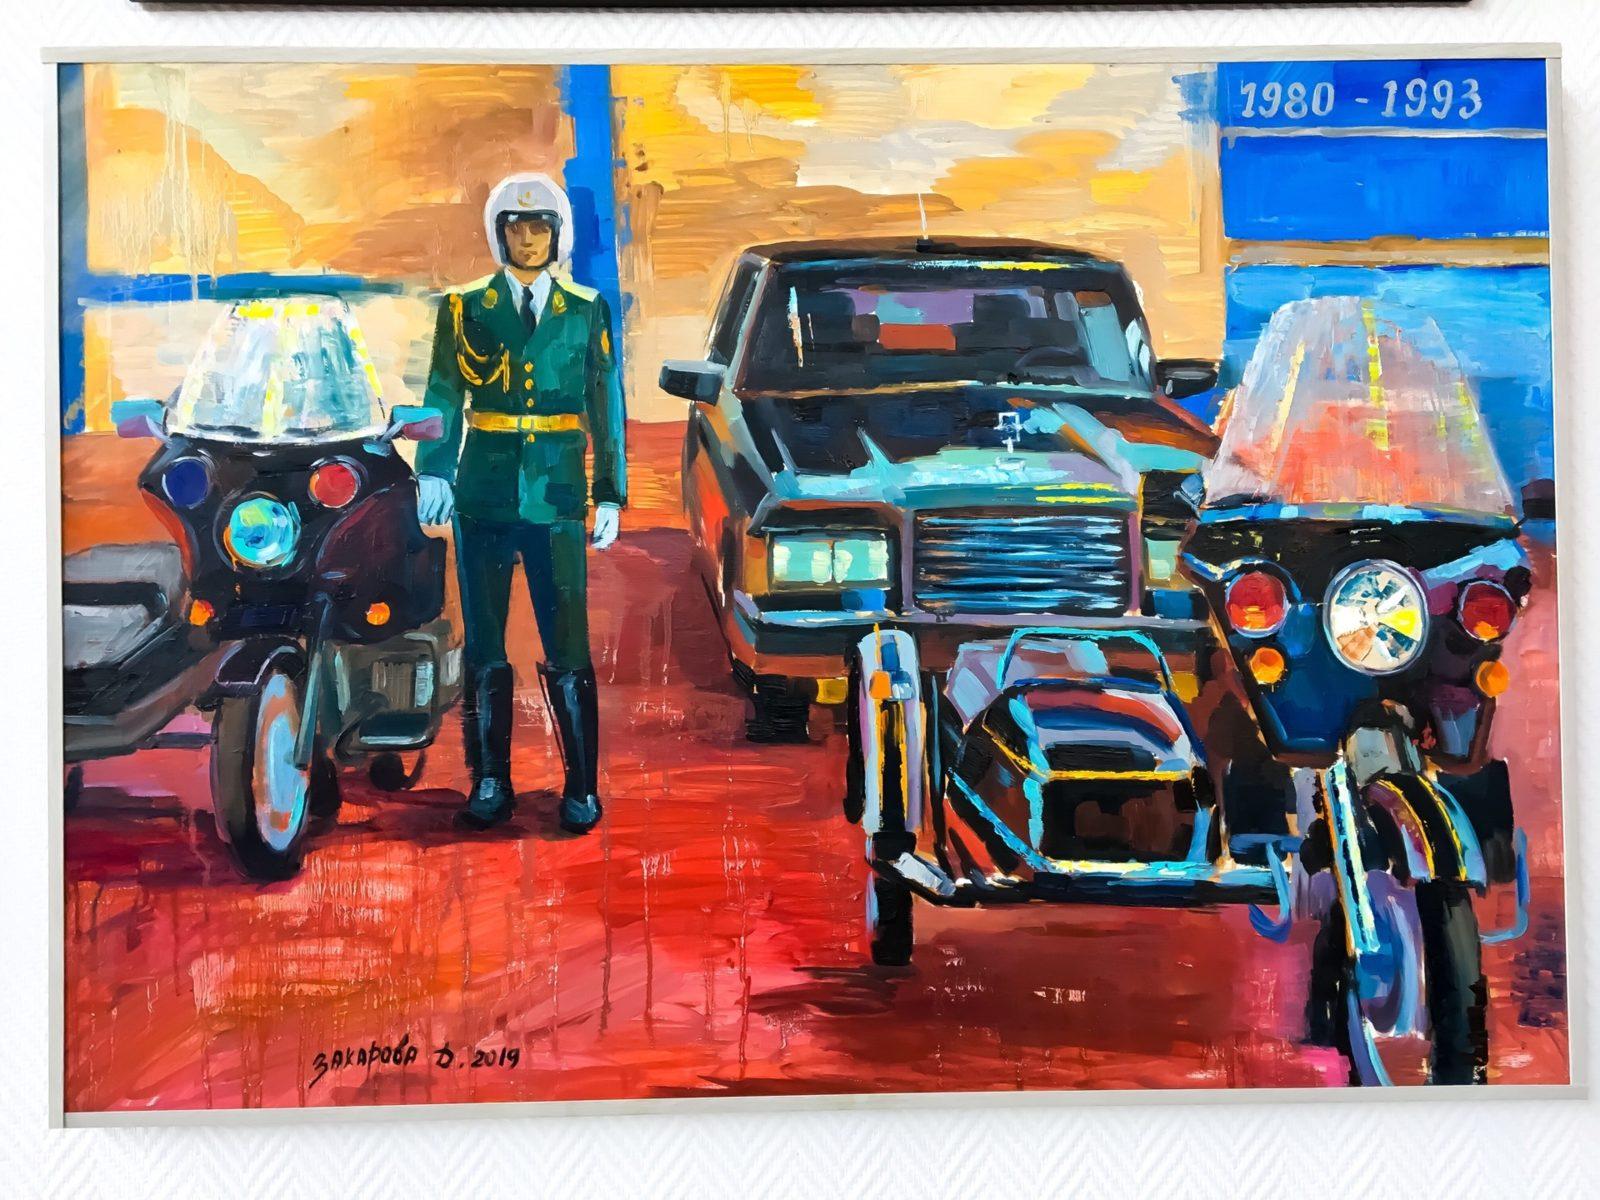 Выставка творческого объединения «Авто-мото-арт» в Музее «Московский транспорт» – события на сайте «Московские Сезоны»